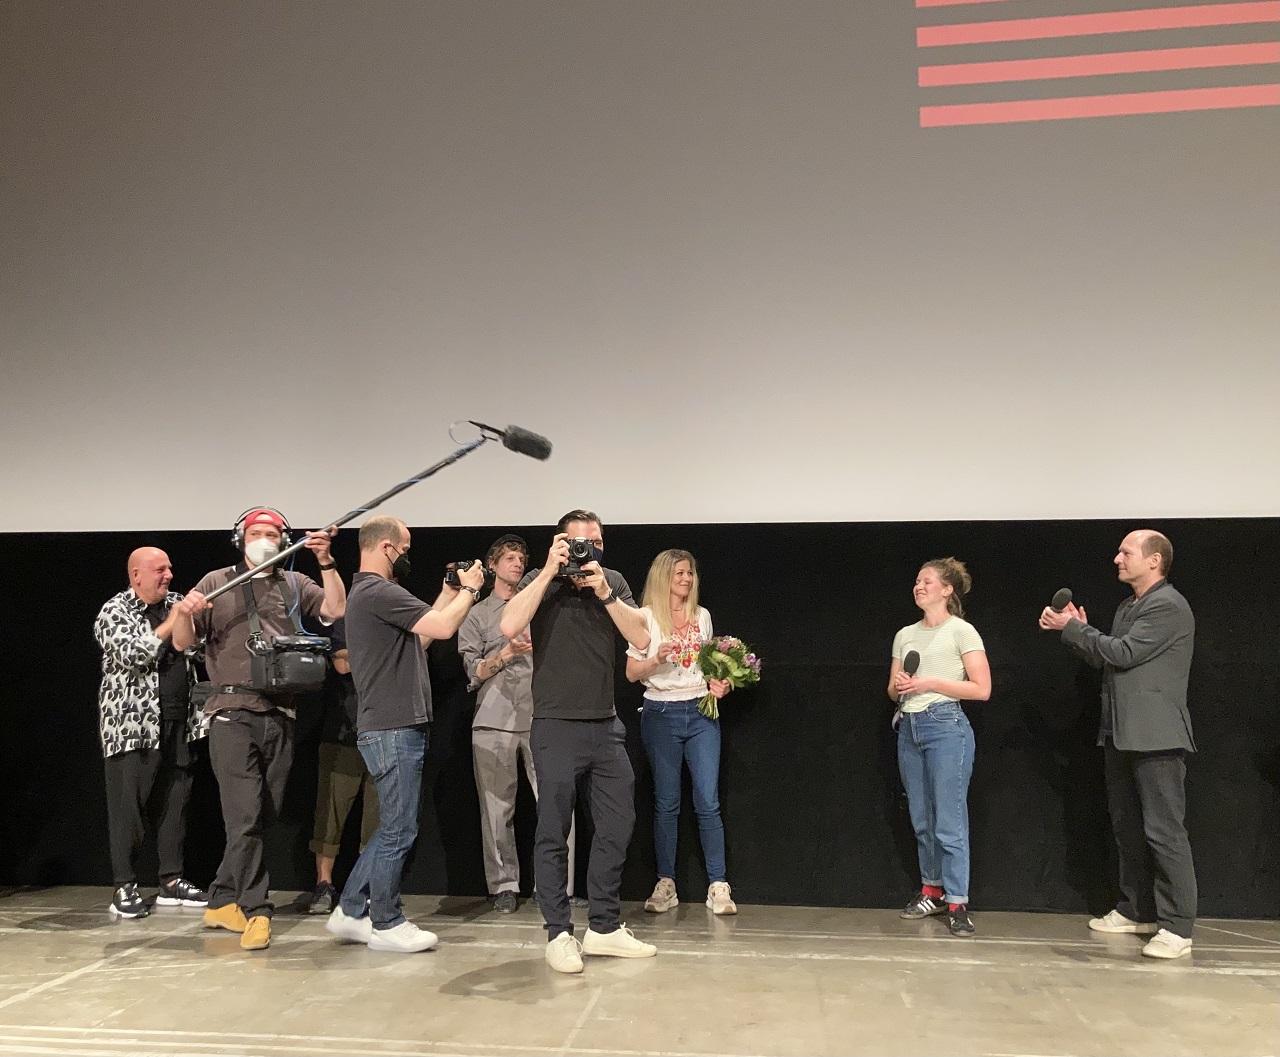 """Sebastian Brauneis und das Diagonale-Preisrevue-Team überraschen Hilde Dalik nach der Vorführung von """"Sargnagel - der Film"""" mit dem Preis als beste Darstellerin der Diagonale 2021."""